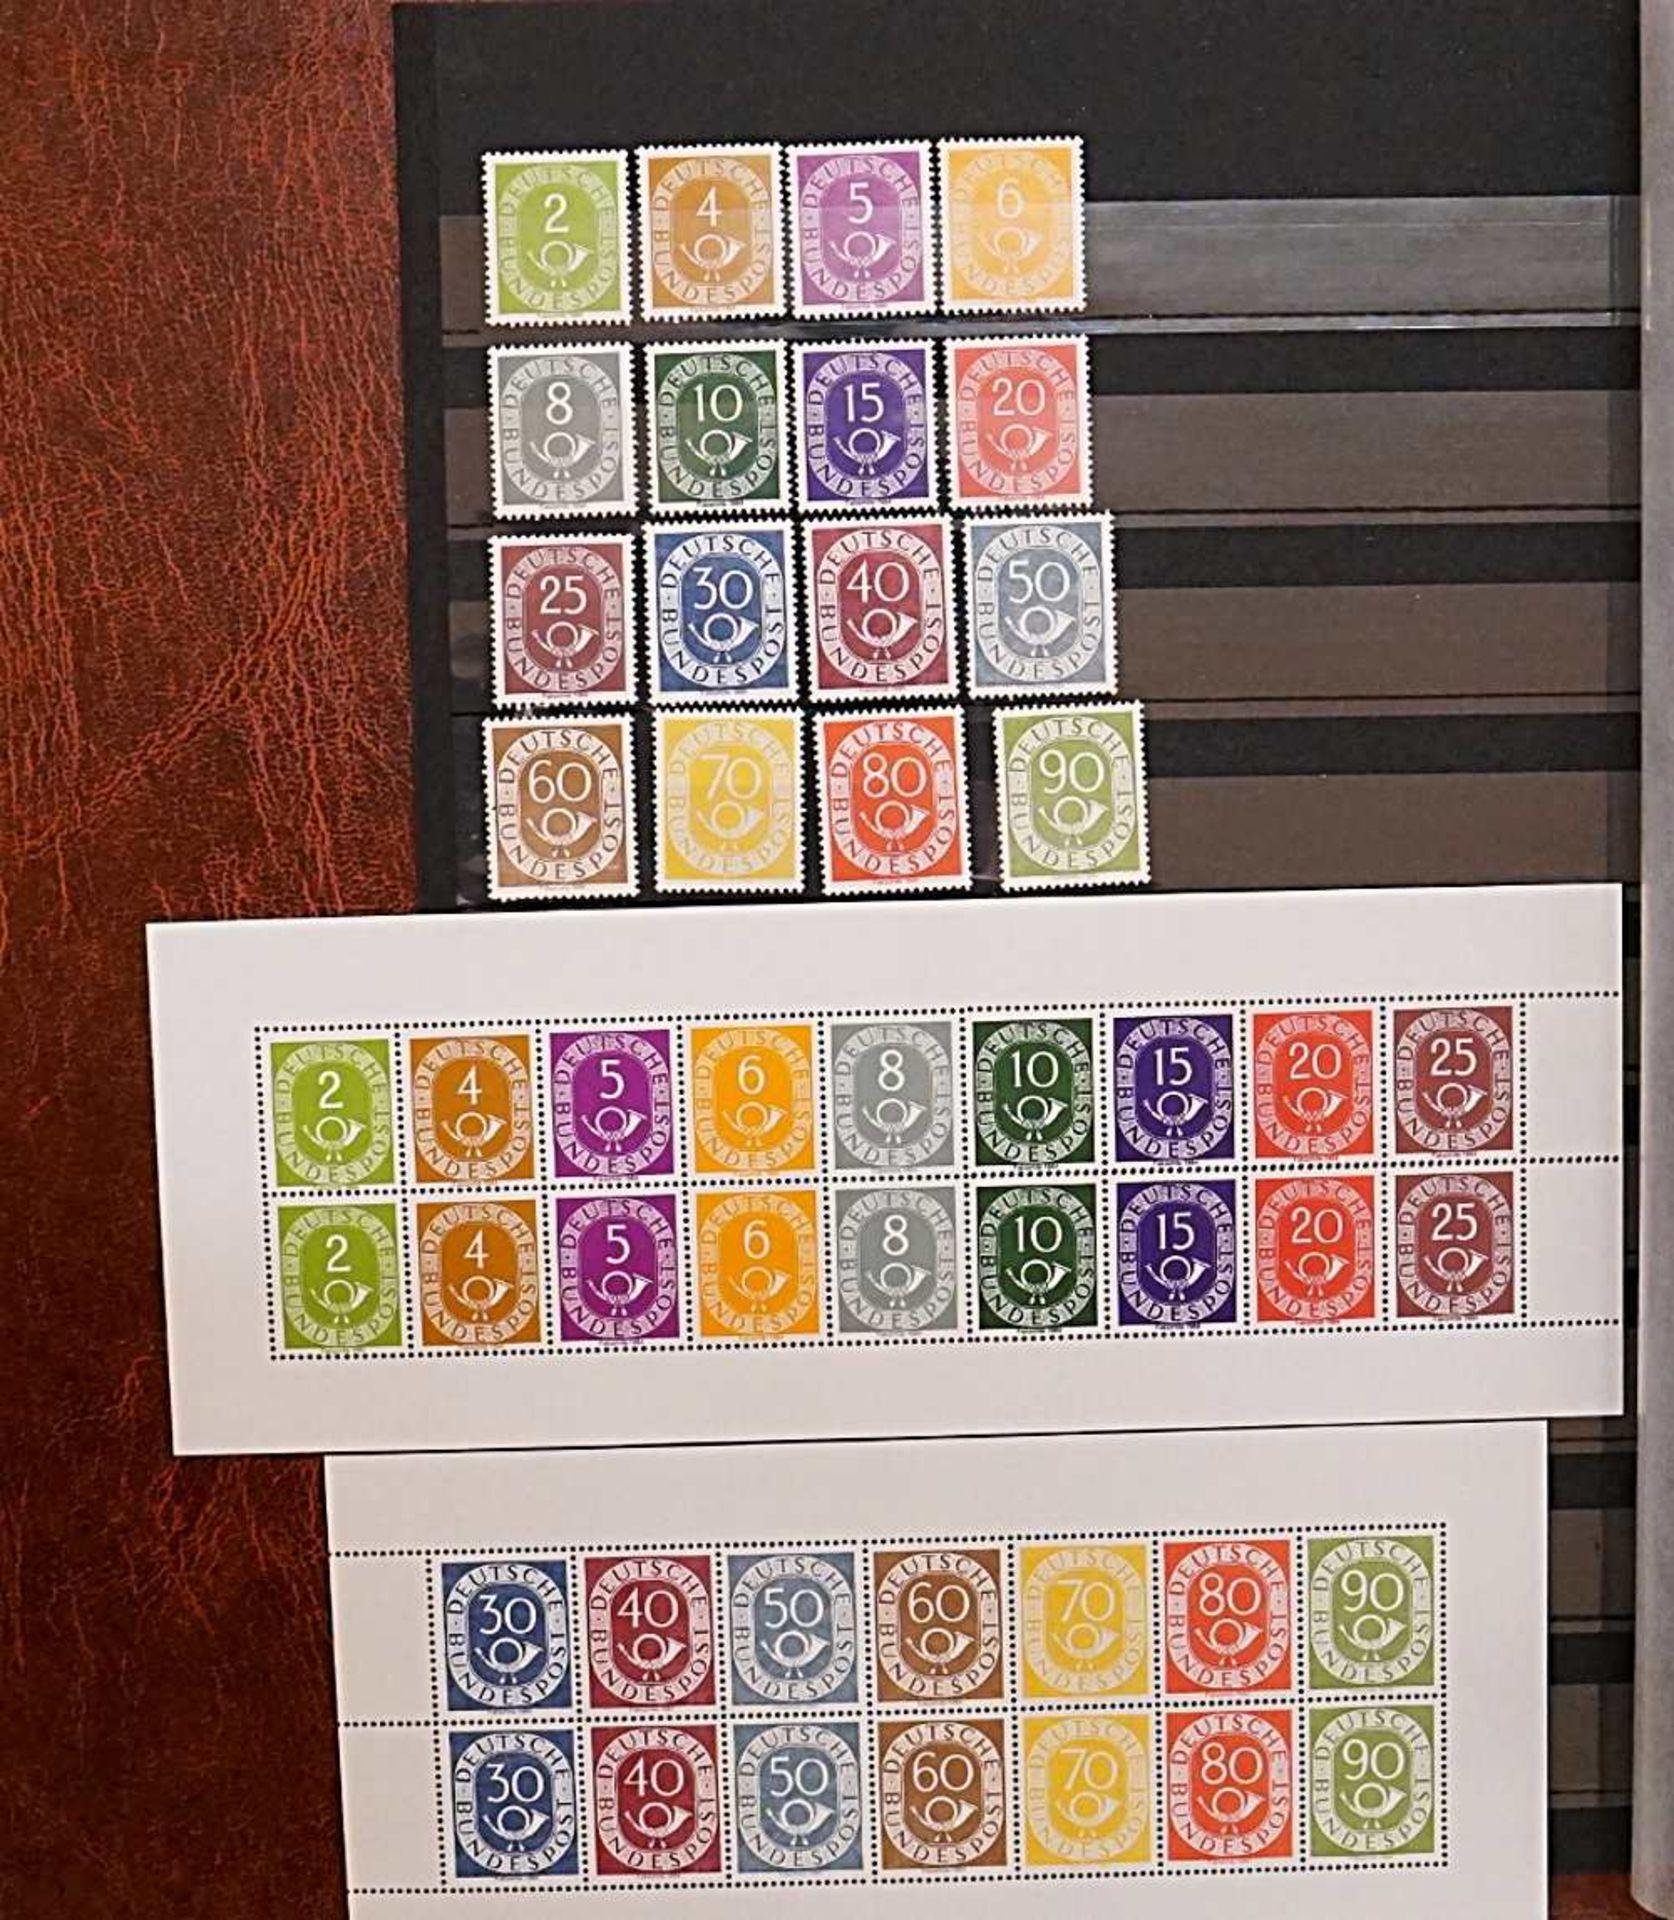 1 Sammlung Briefmarken, Ersttagsbriefe, Briefe, Fehldrucke u.a., gestempelt/ungestempelt, <b - Bild 4 aus 7